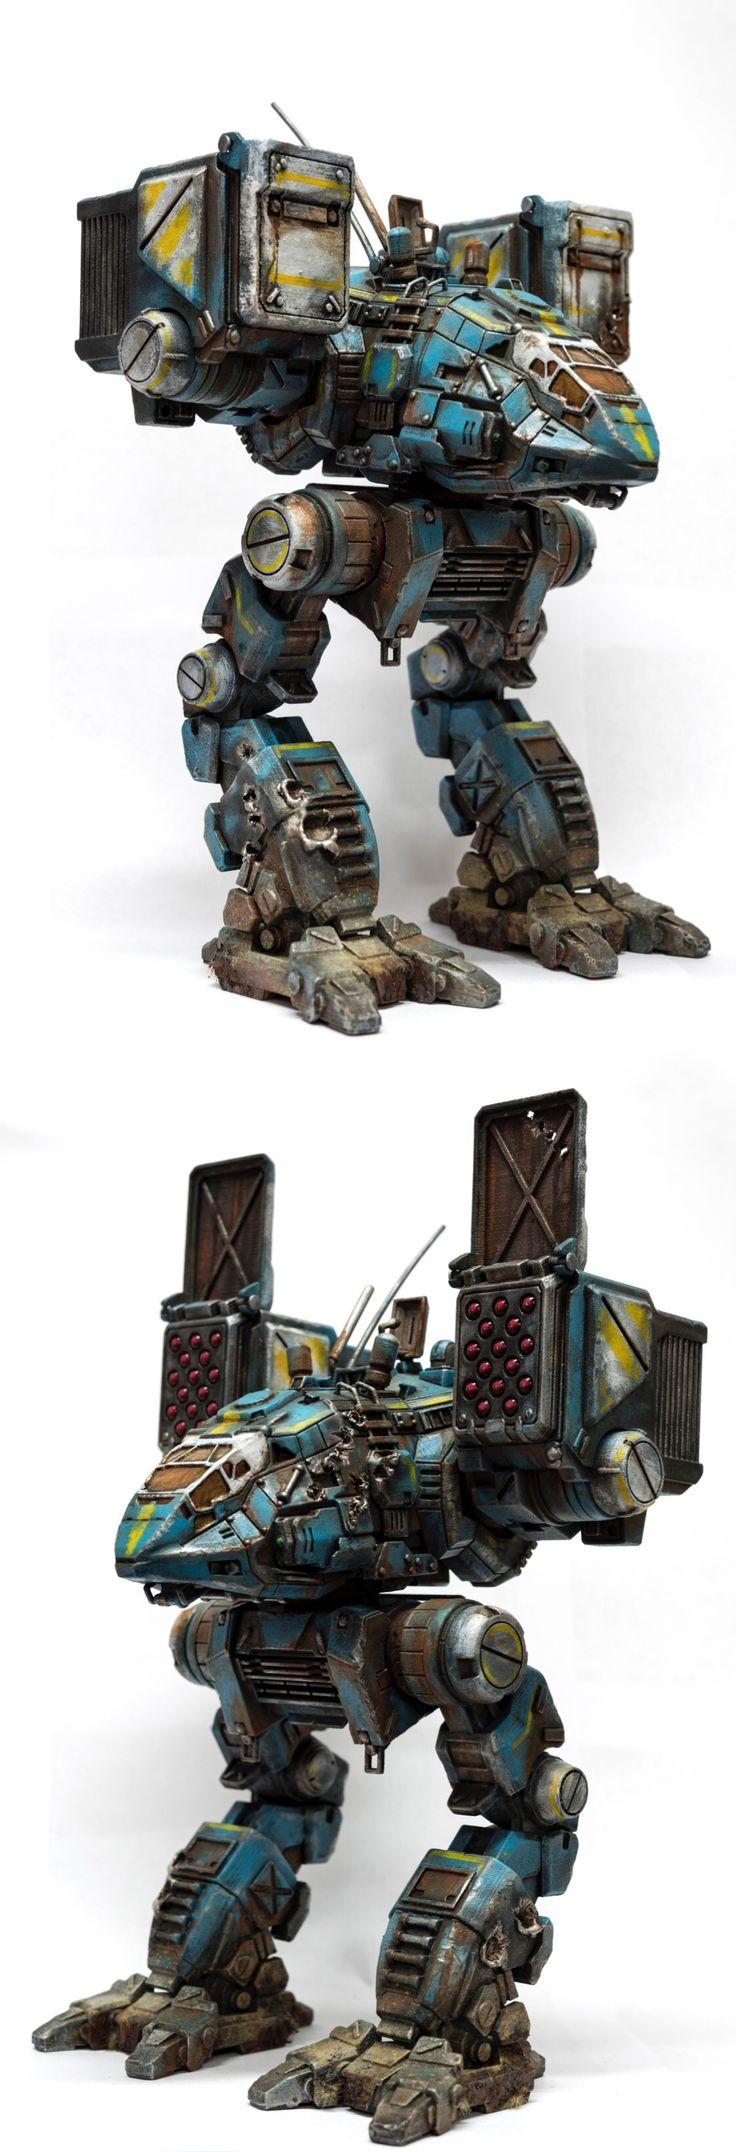 3D printed MechWarrior, Catapult. 3D files available here: http://www.gambody.com/3d-models/mechwarrior-bobcat